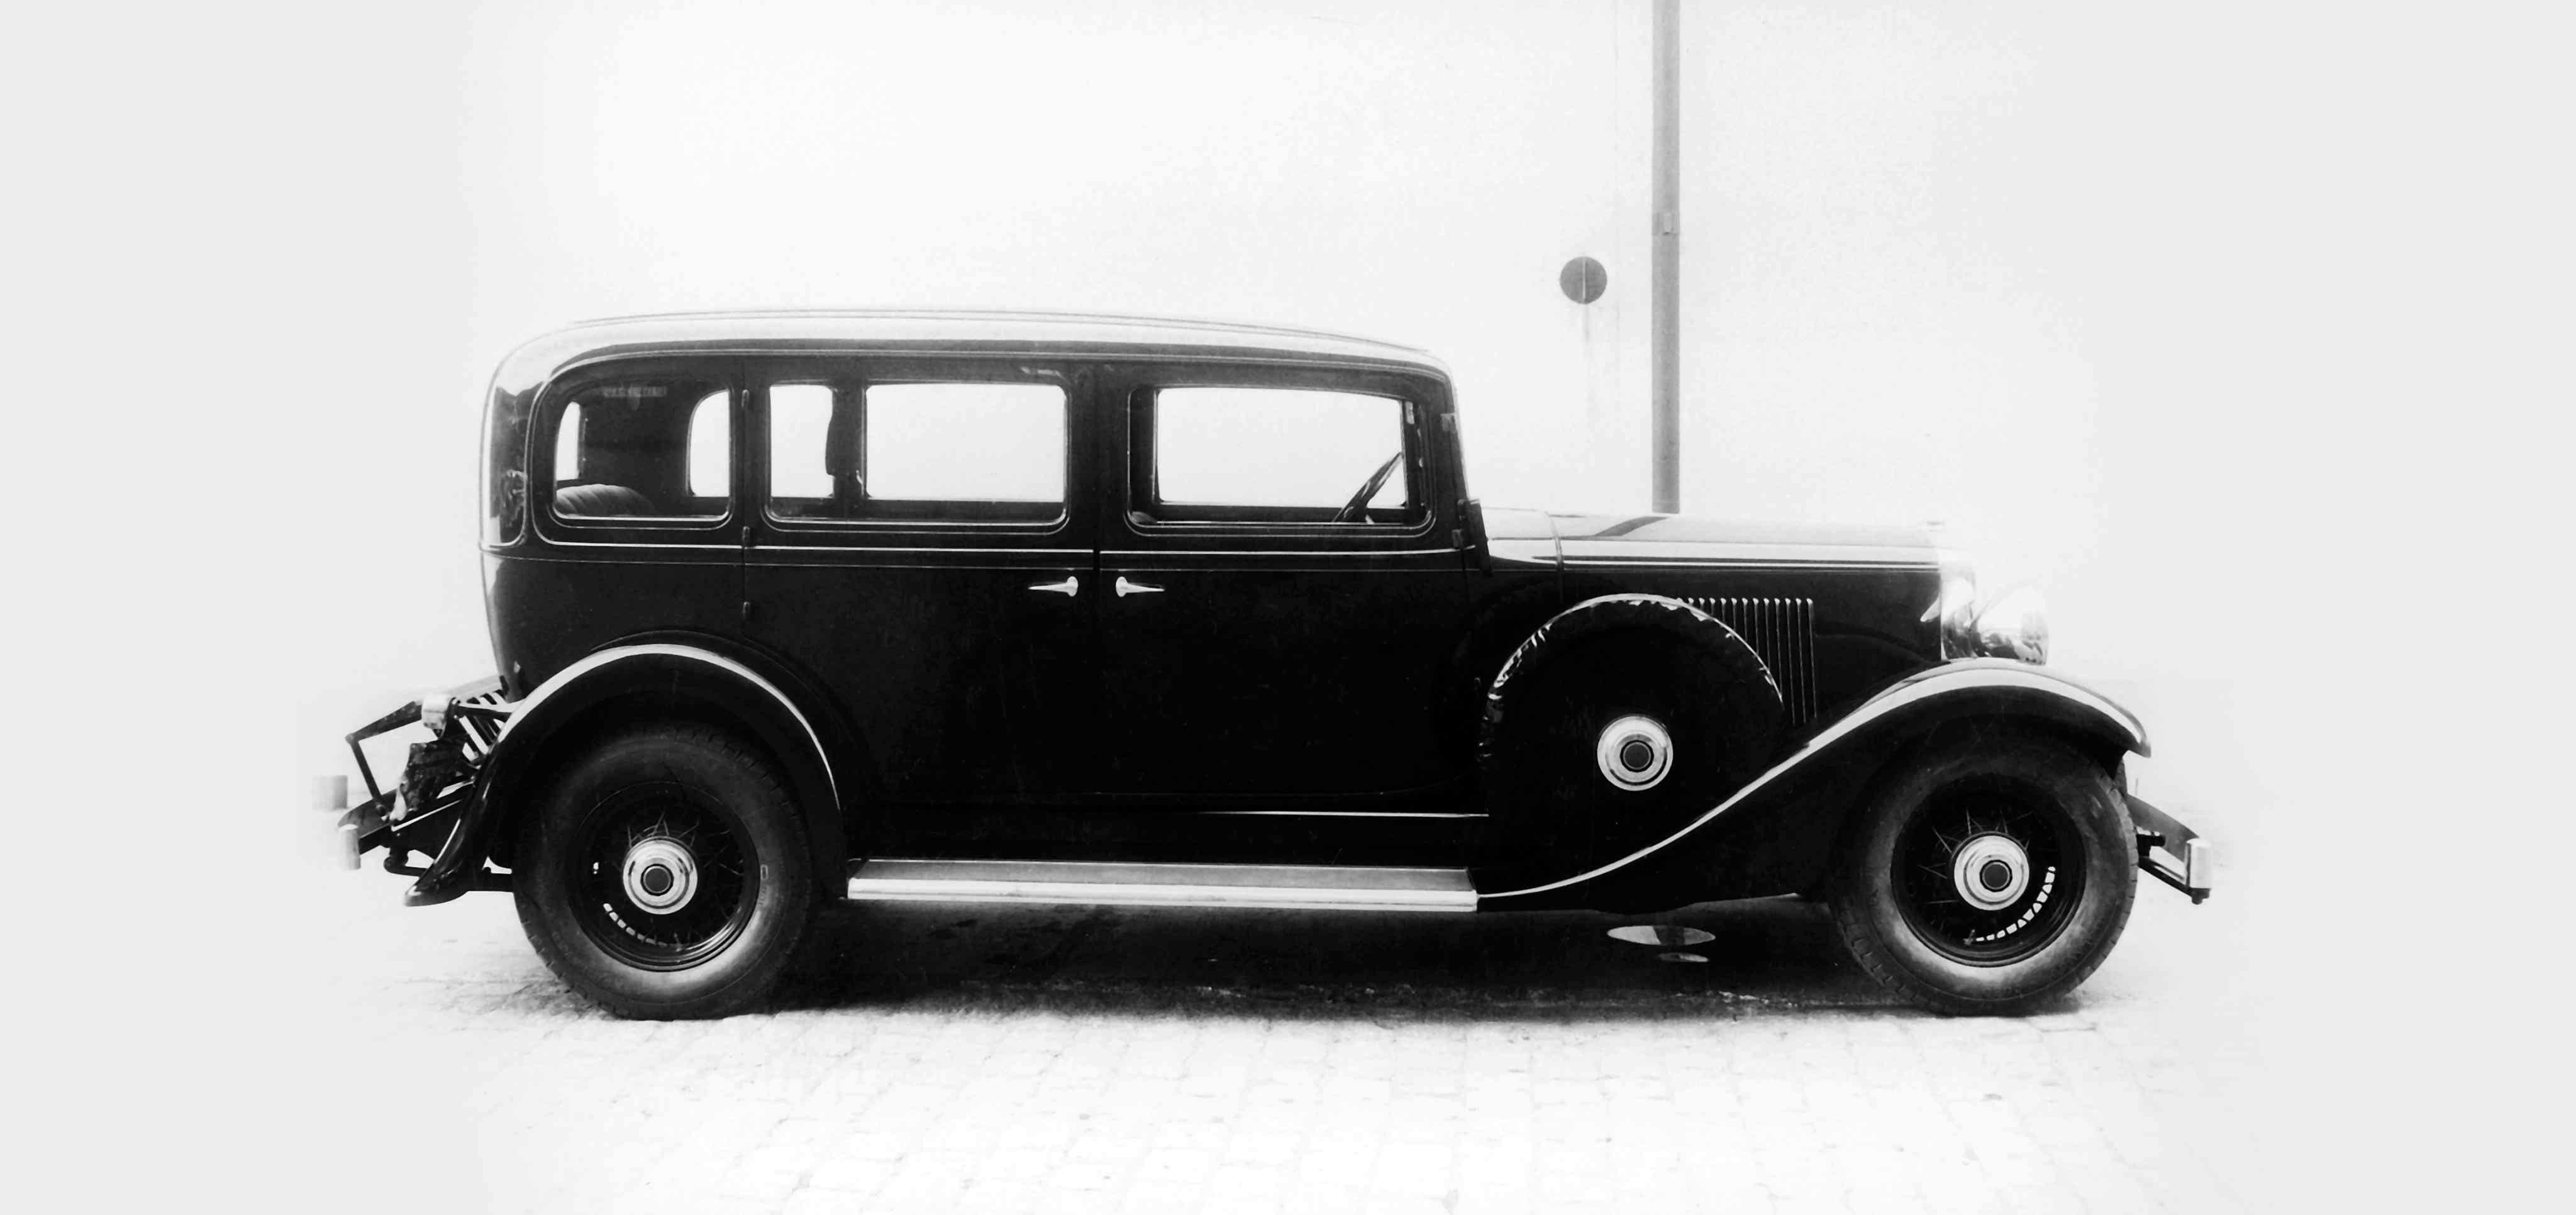 Imagen en blanco y negro de un Volvo TR671-9 en una vista lateral